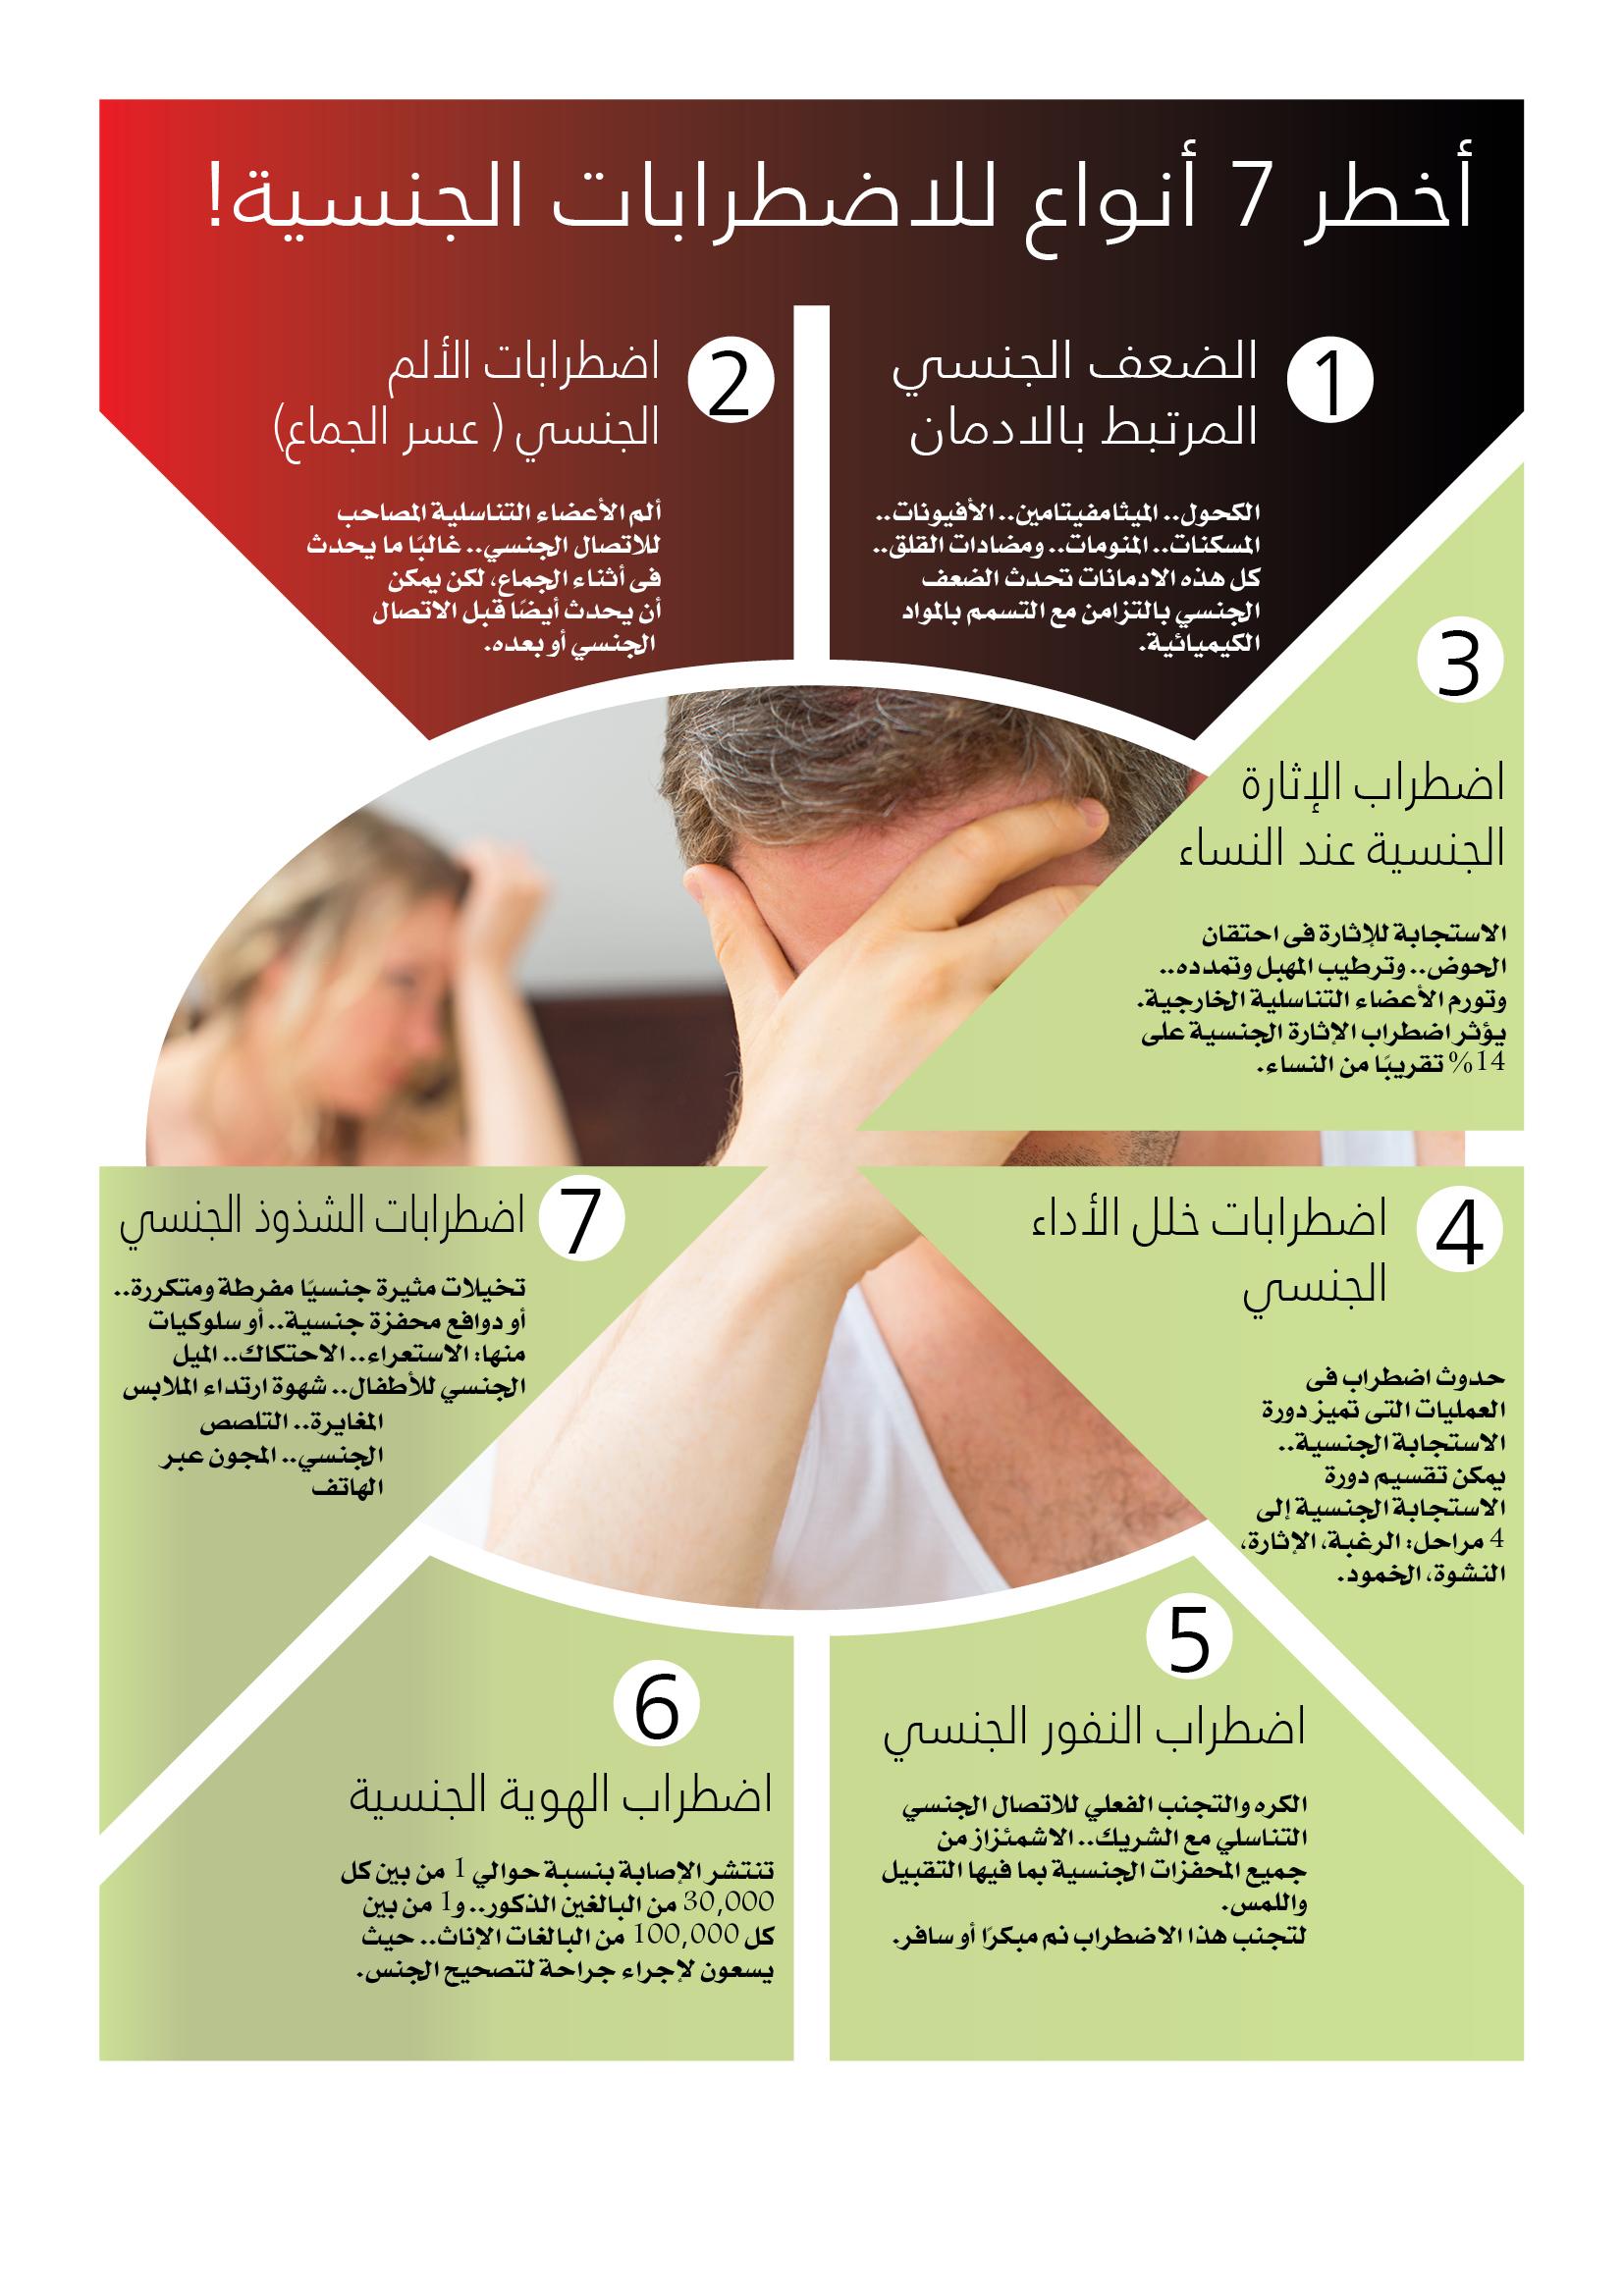 انفوجراف:  أخطر 7 أنواع للاضطرابات الجنسية!